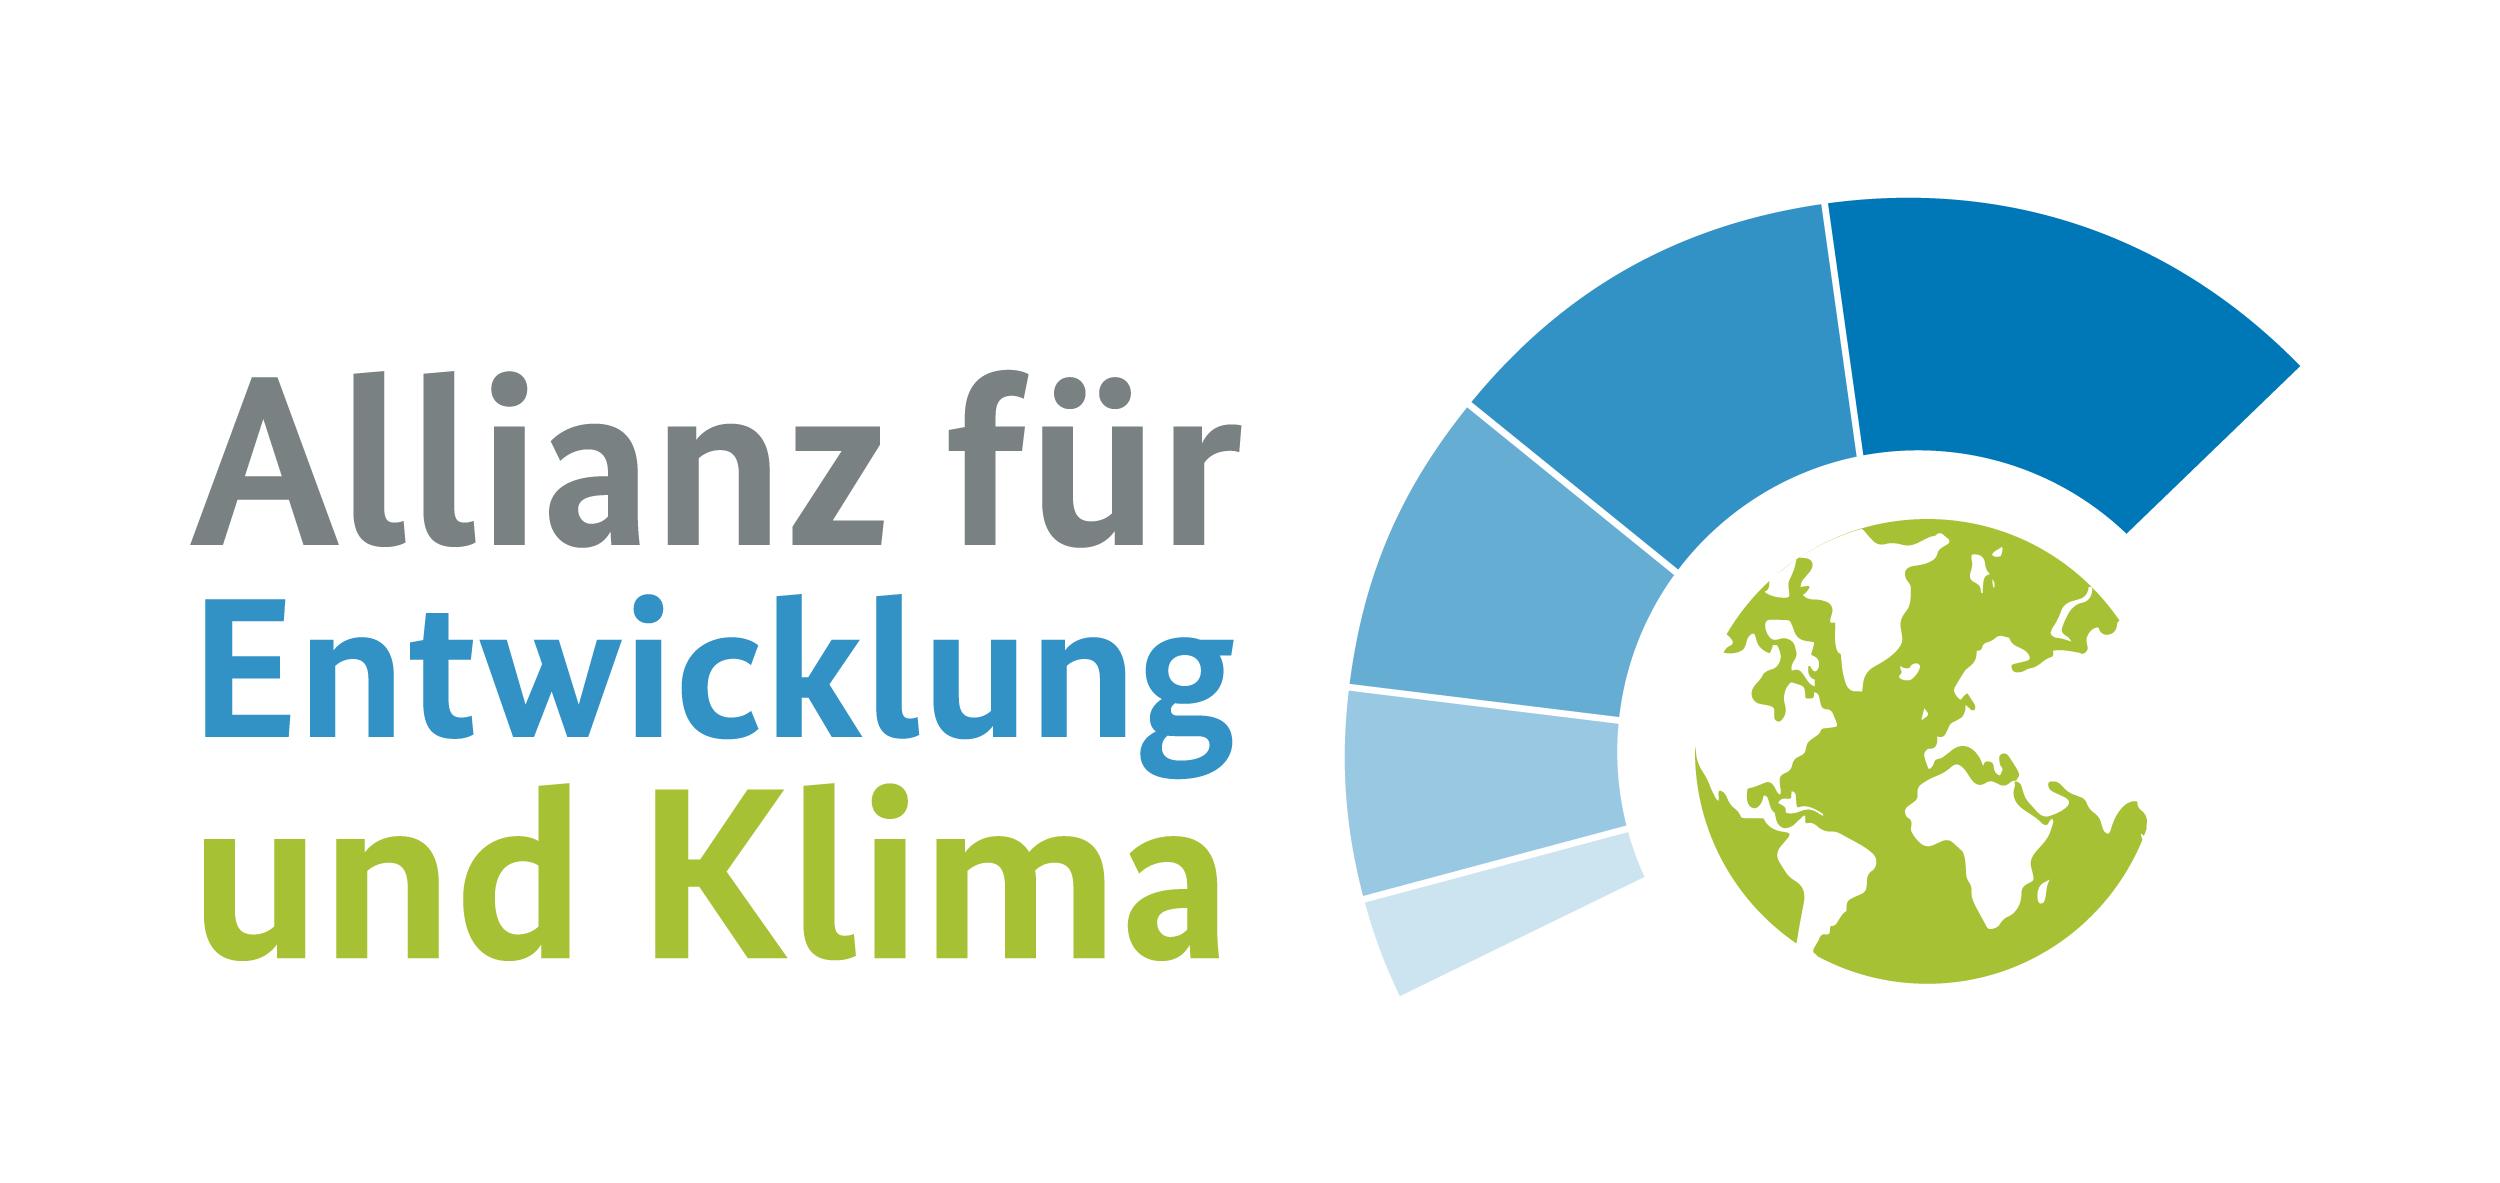 Allianz für Entwicklung und Klima Logo PNG